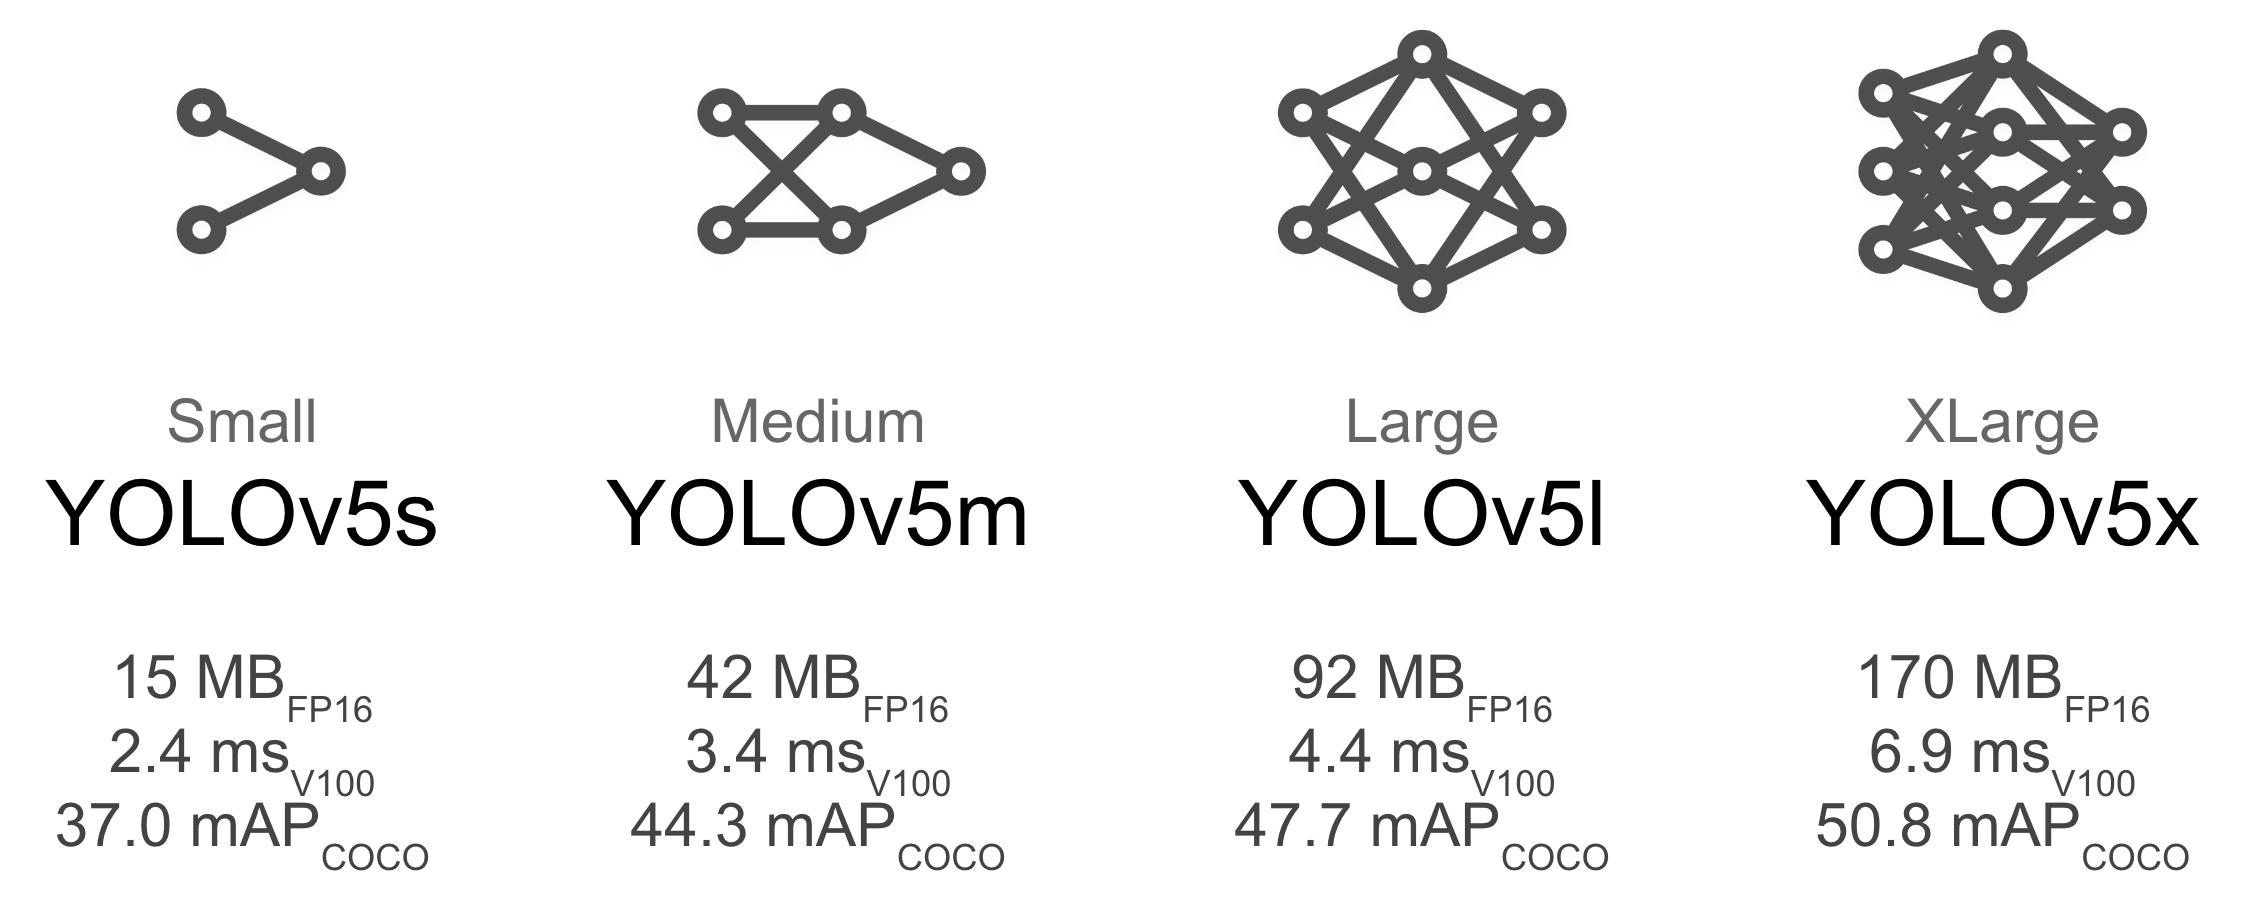 YOLOv5 Models